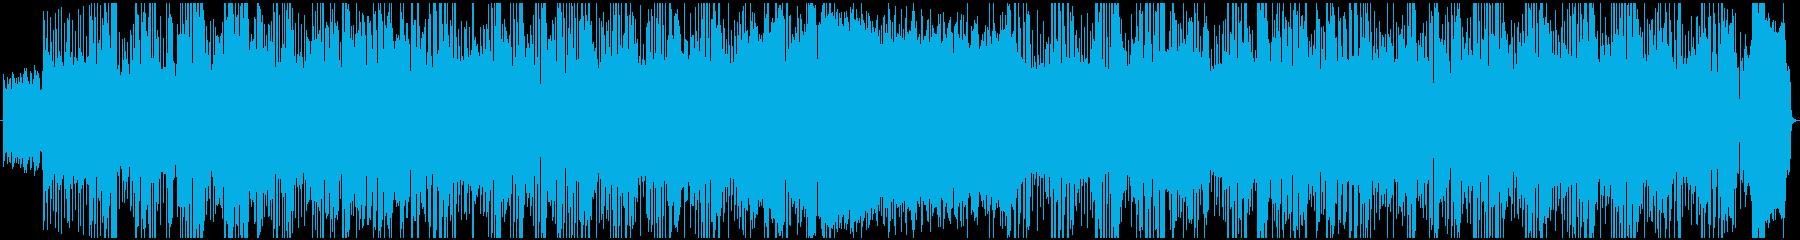 愛あるエッチなノリノリのロックの再生済みの波形